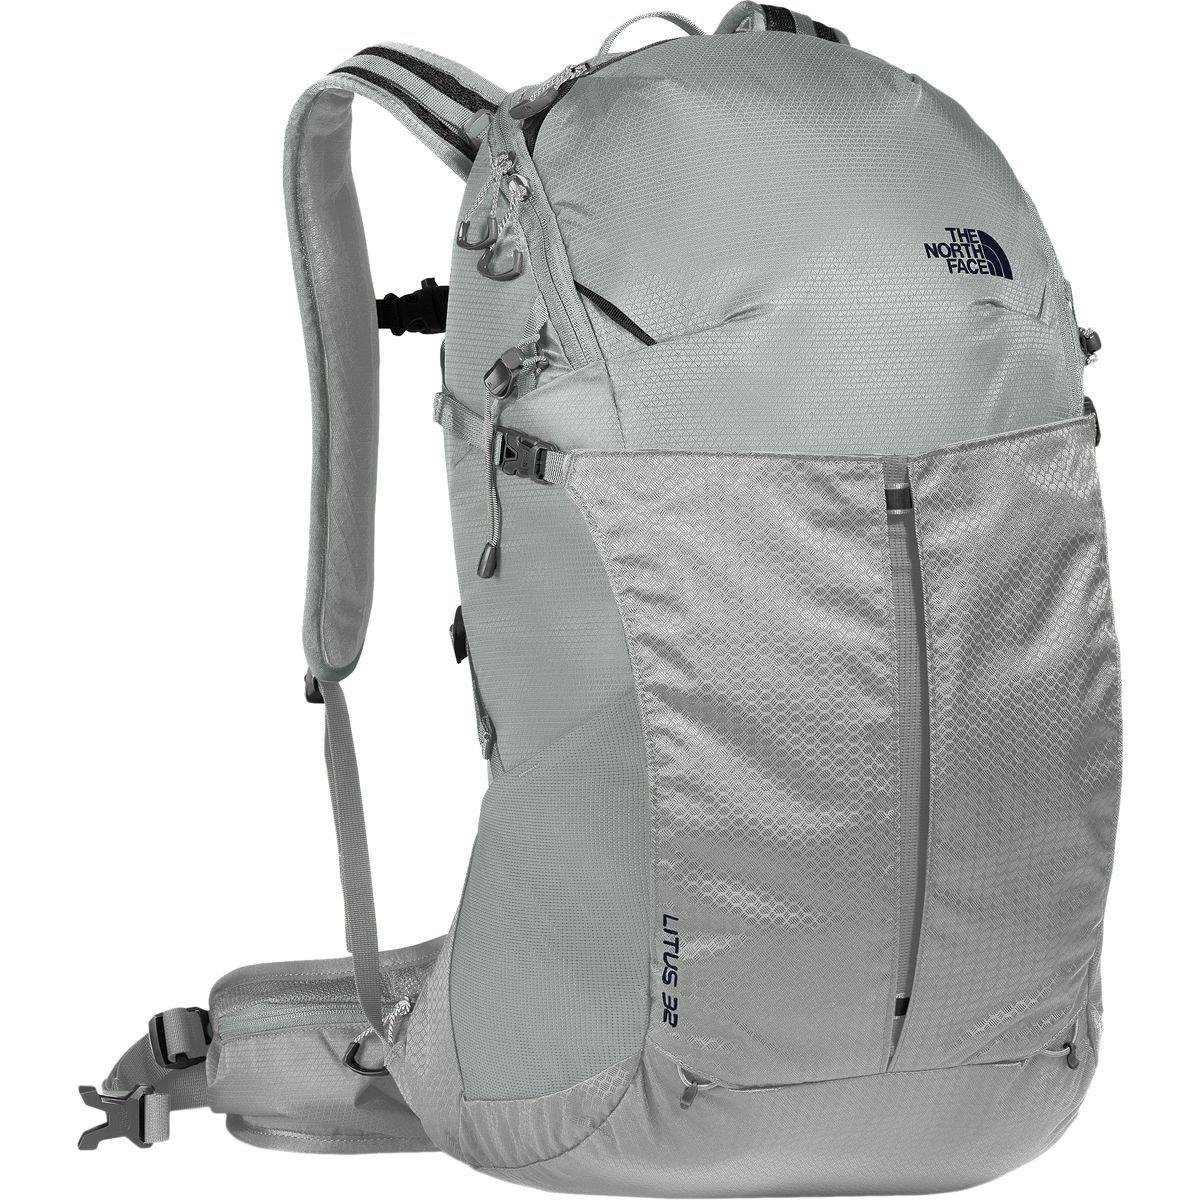 (ザノースフェイス) The North Face Litus 32L Backpackメンズ バックパック リュック Monument Grey/High Rise Grey [並行輸入品]   B079PQB57M